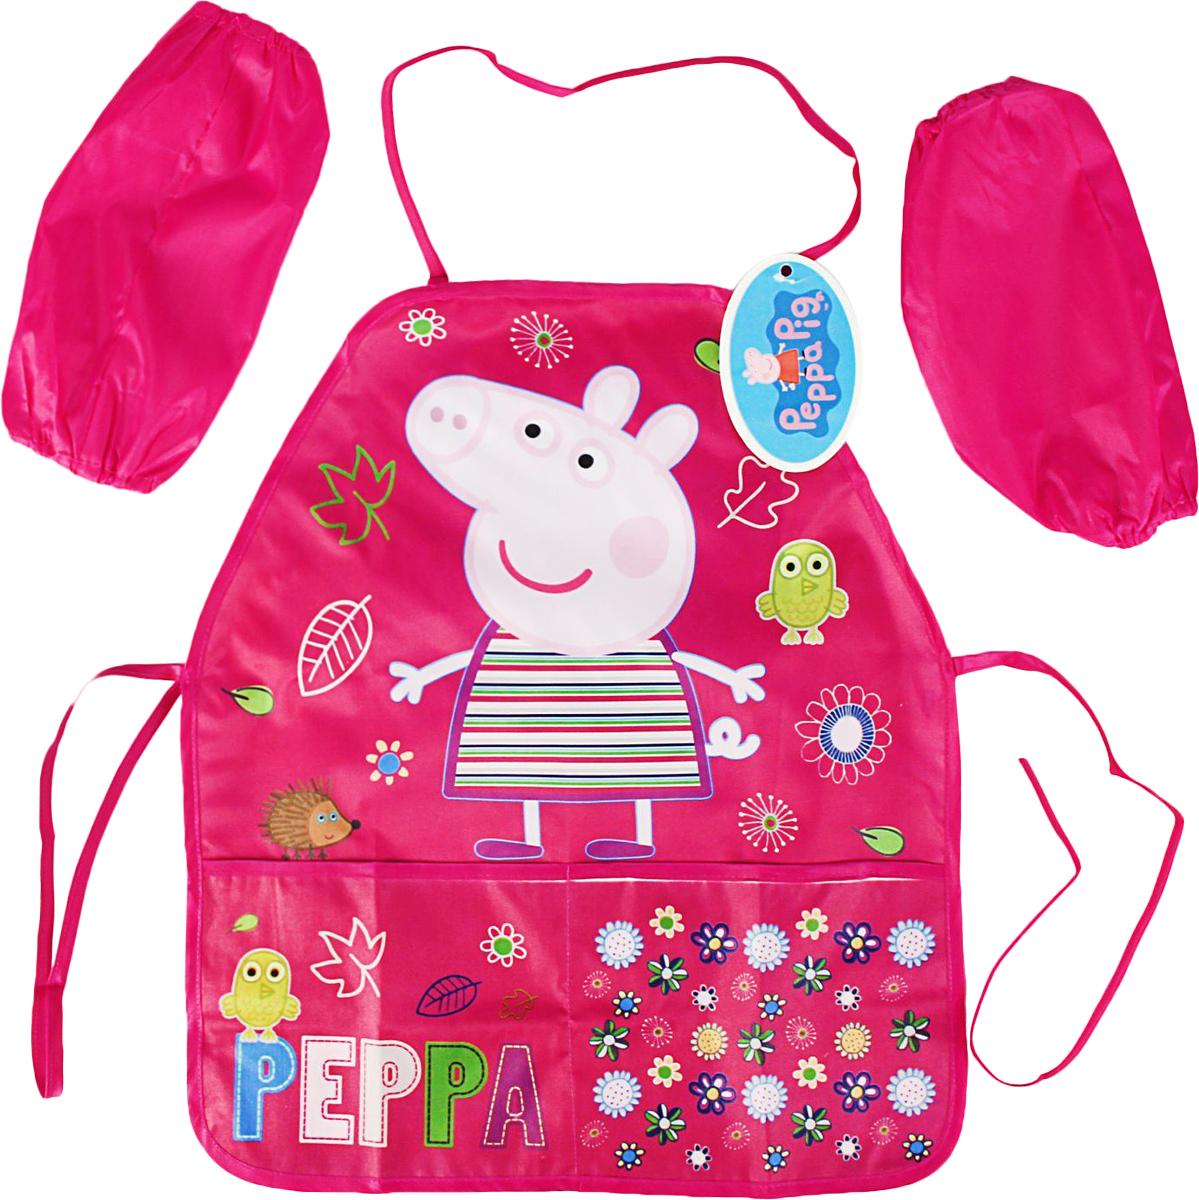 Peppa Pig Фартук детский для труда с нарукавниками Листопад -  Аксессуары для труда